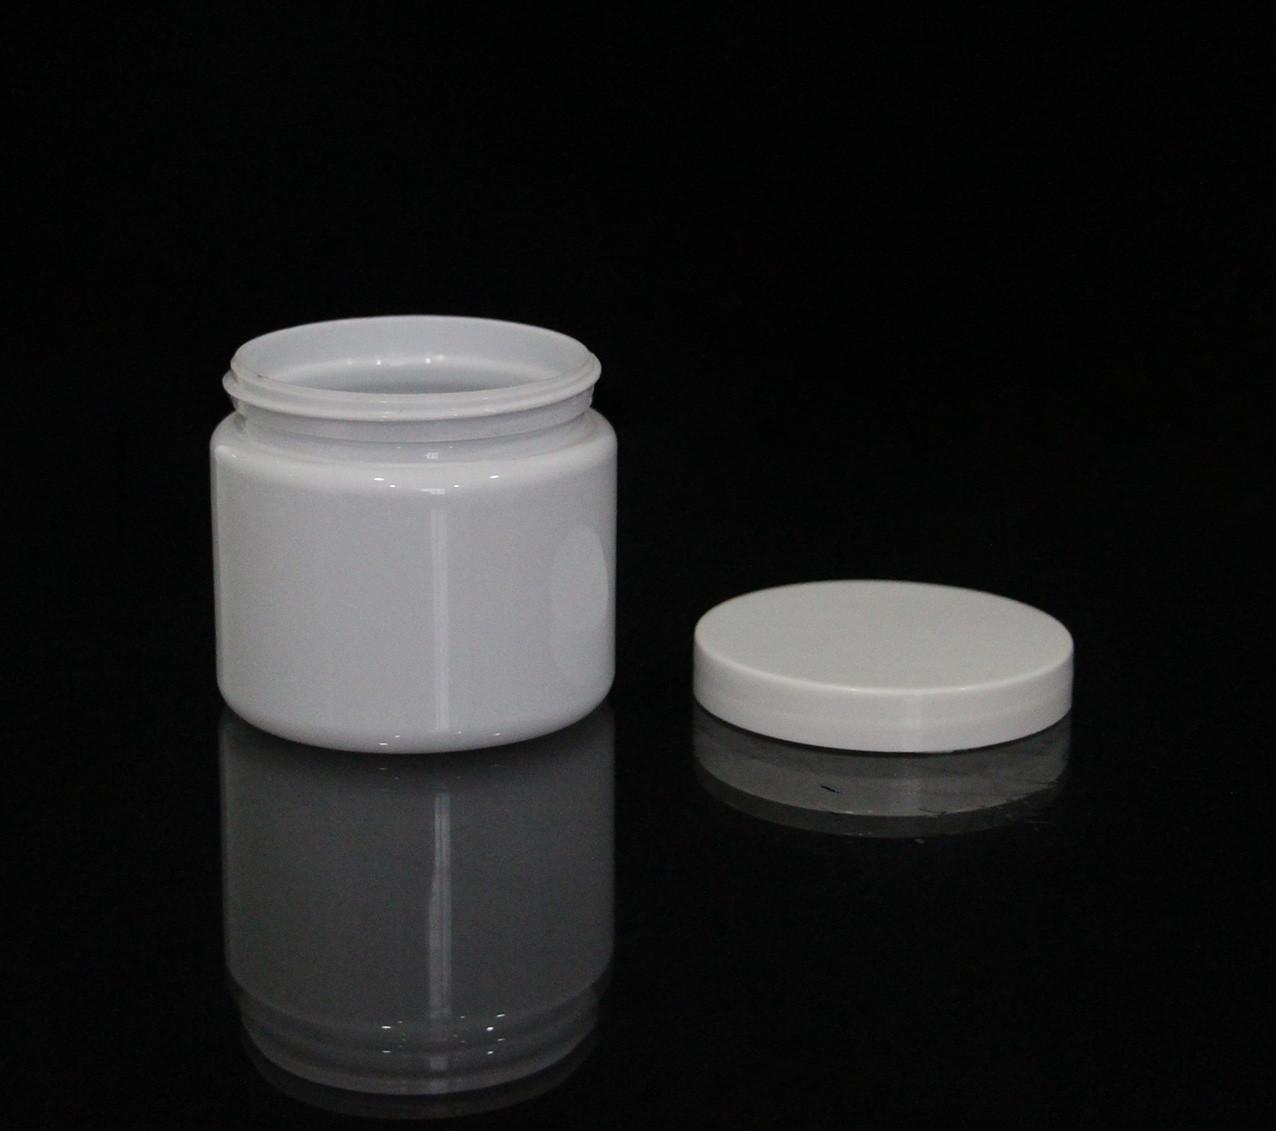 青海塑料瓶盖缺料是由于什么缘由造成的